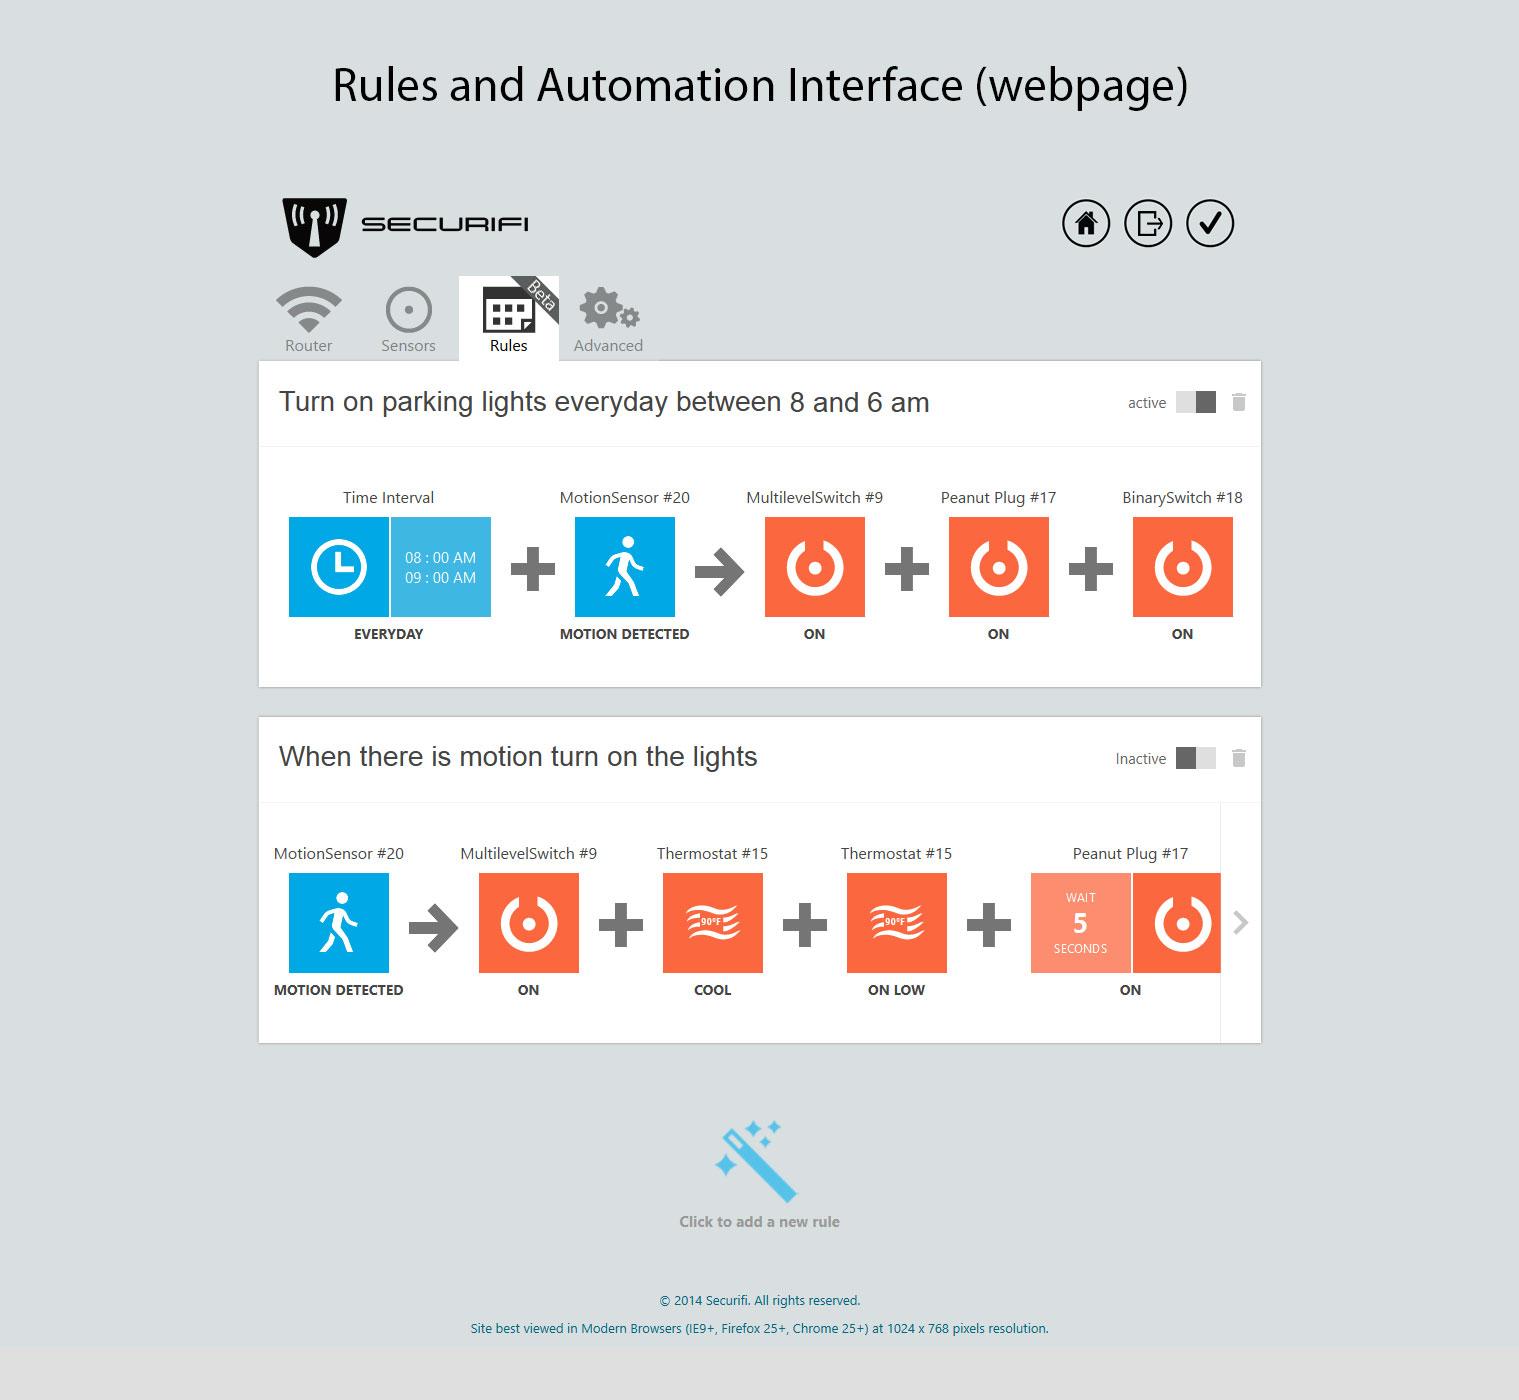 RulesPage